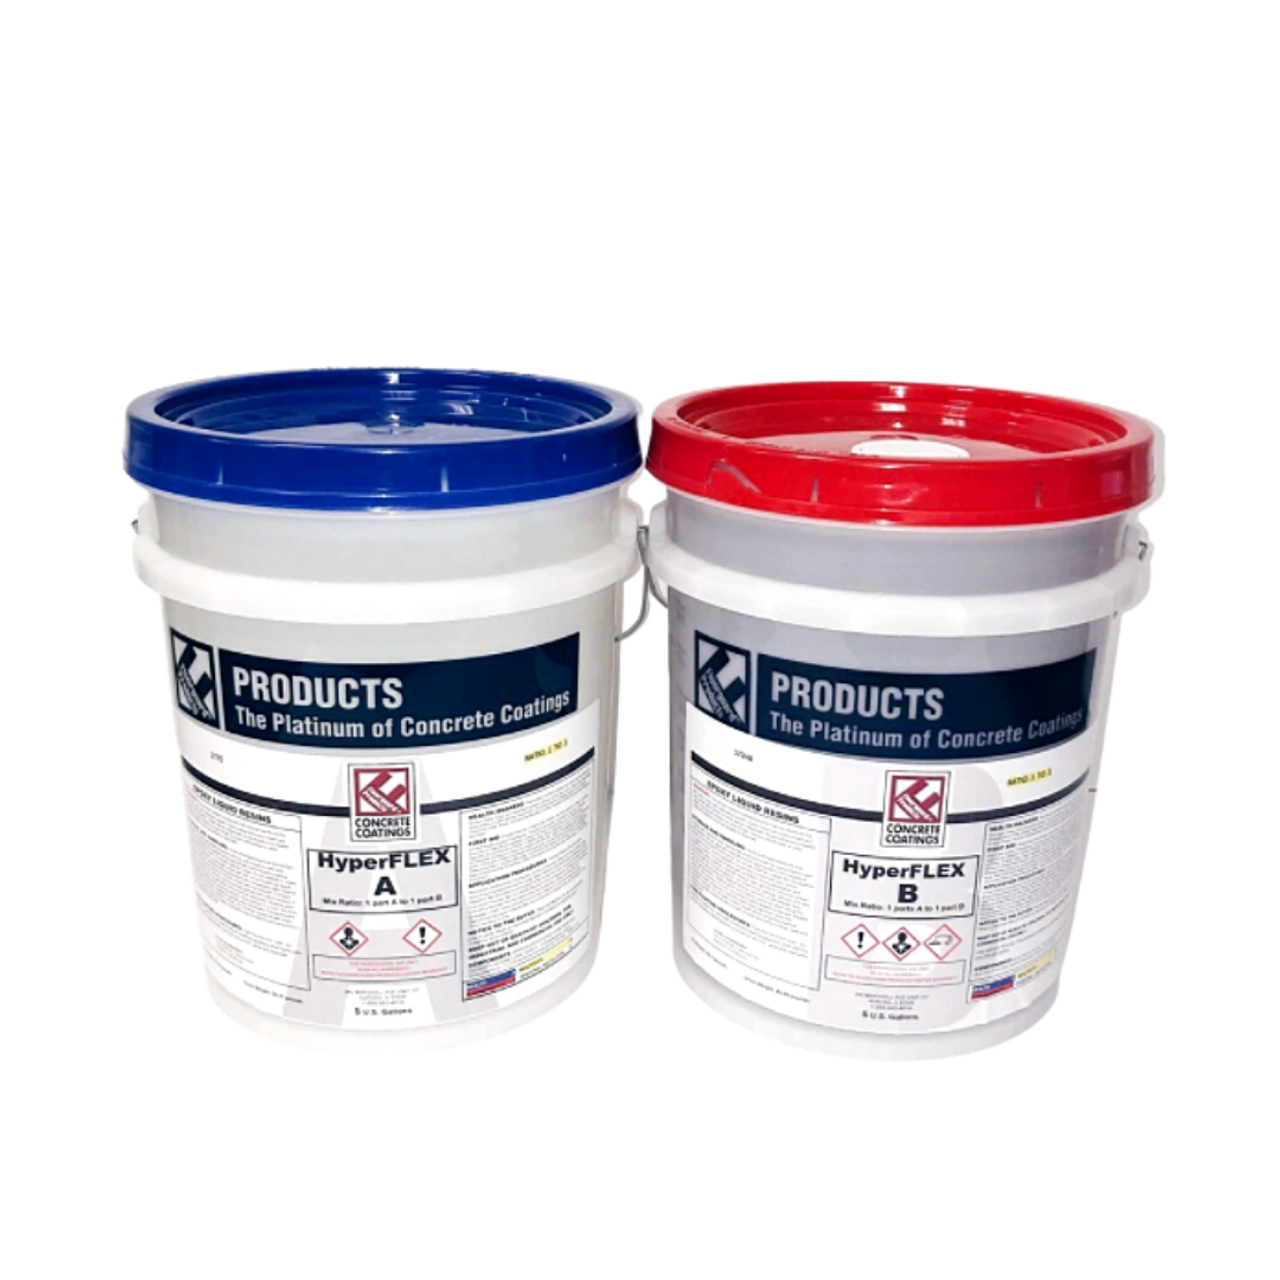 HyperFLEX - 10 Gallon Kit